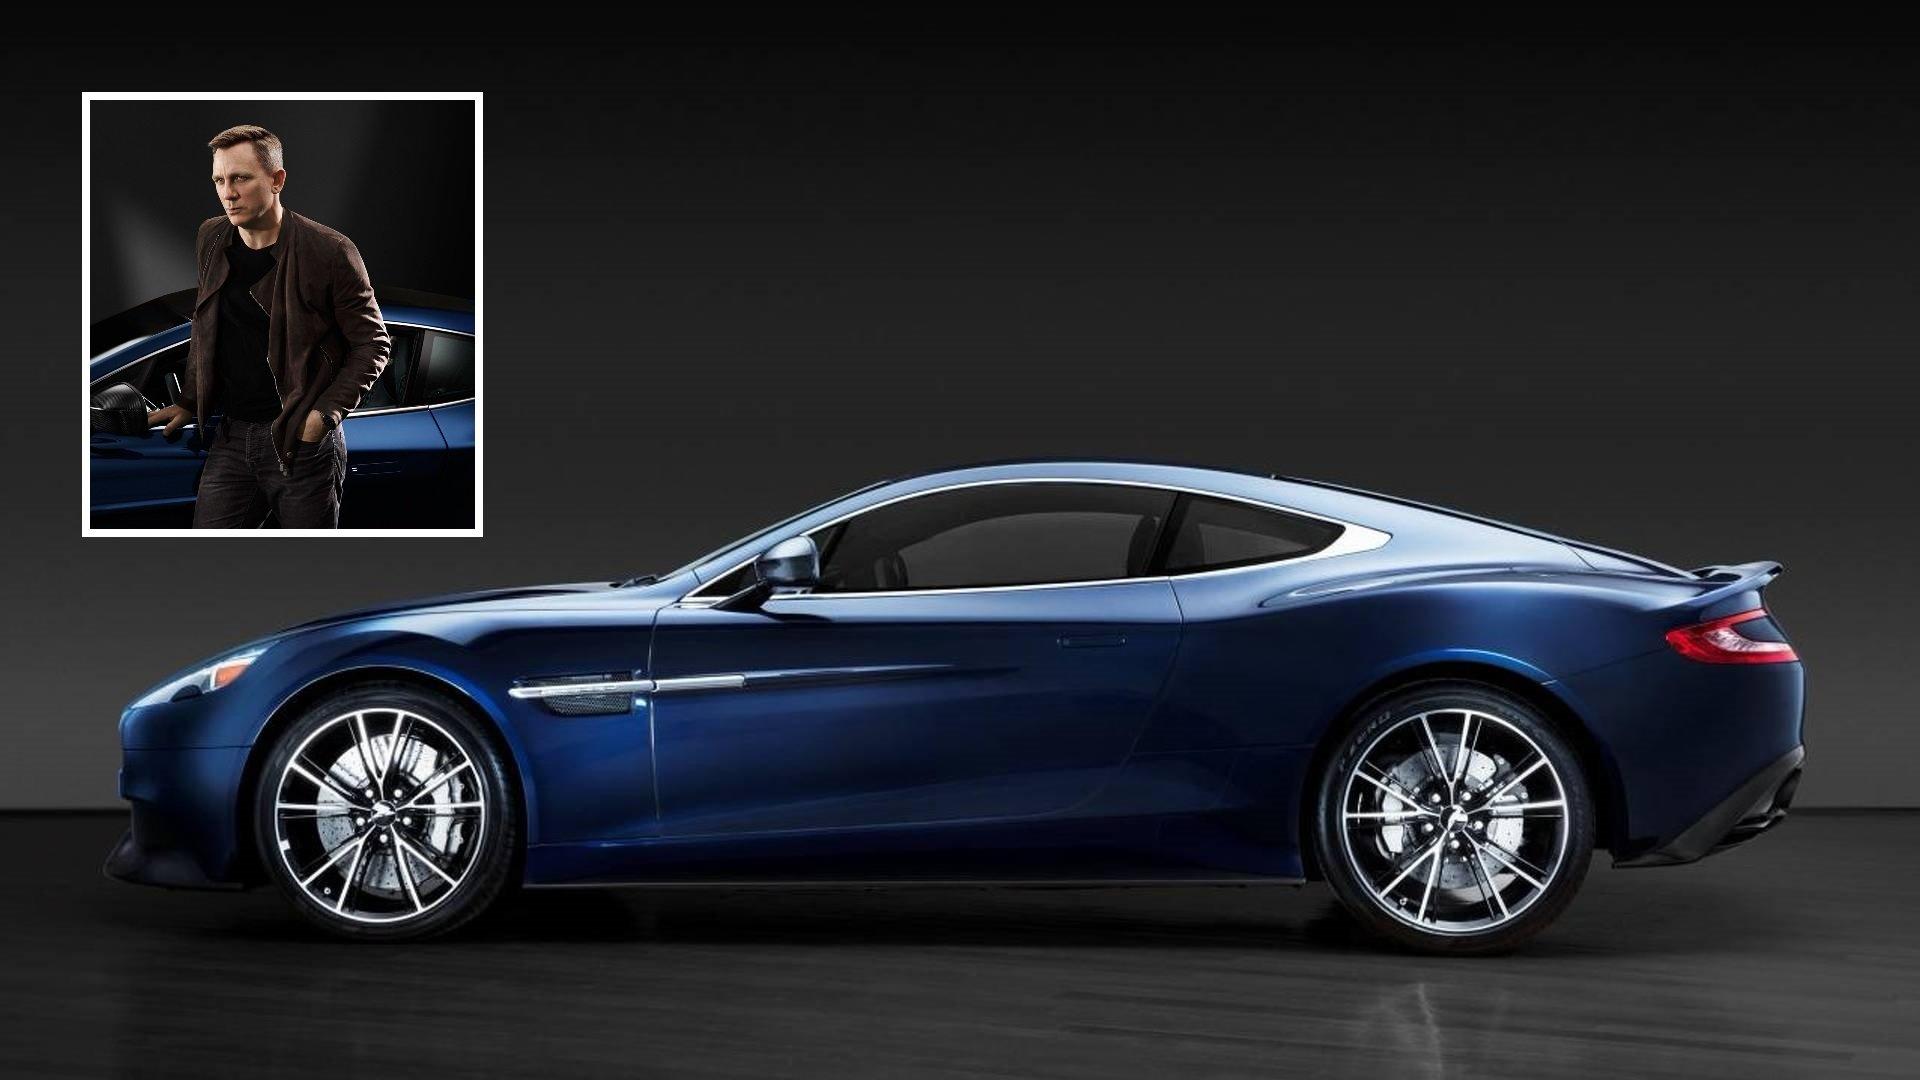 Chcete se ctit jako James Bond Pořiďte si tohohle luxusnho Astona